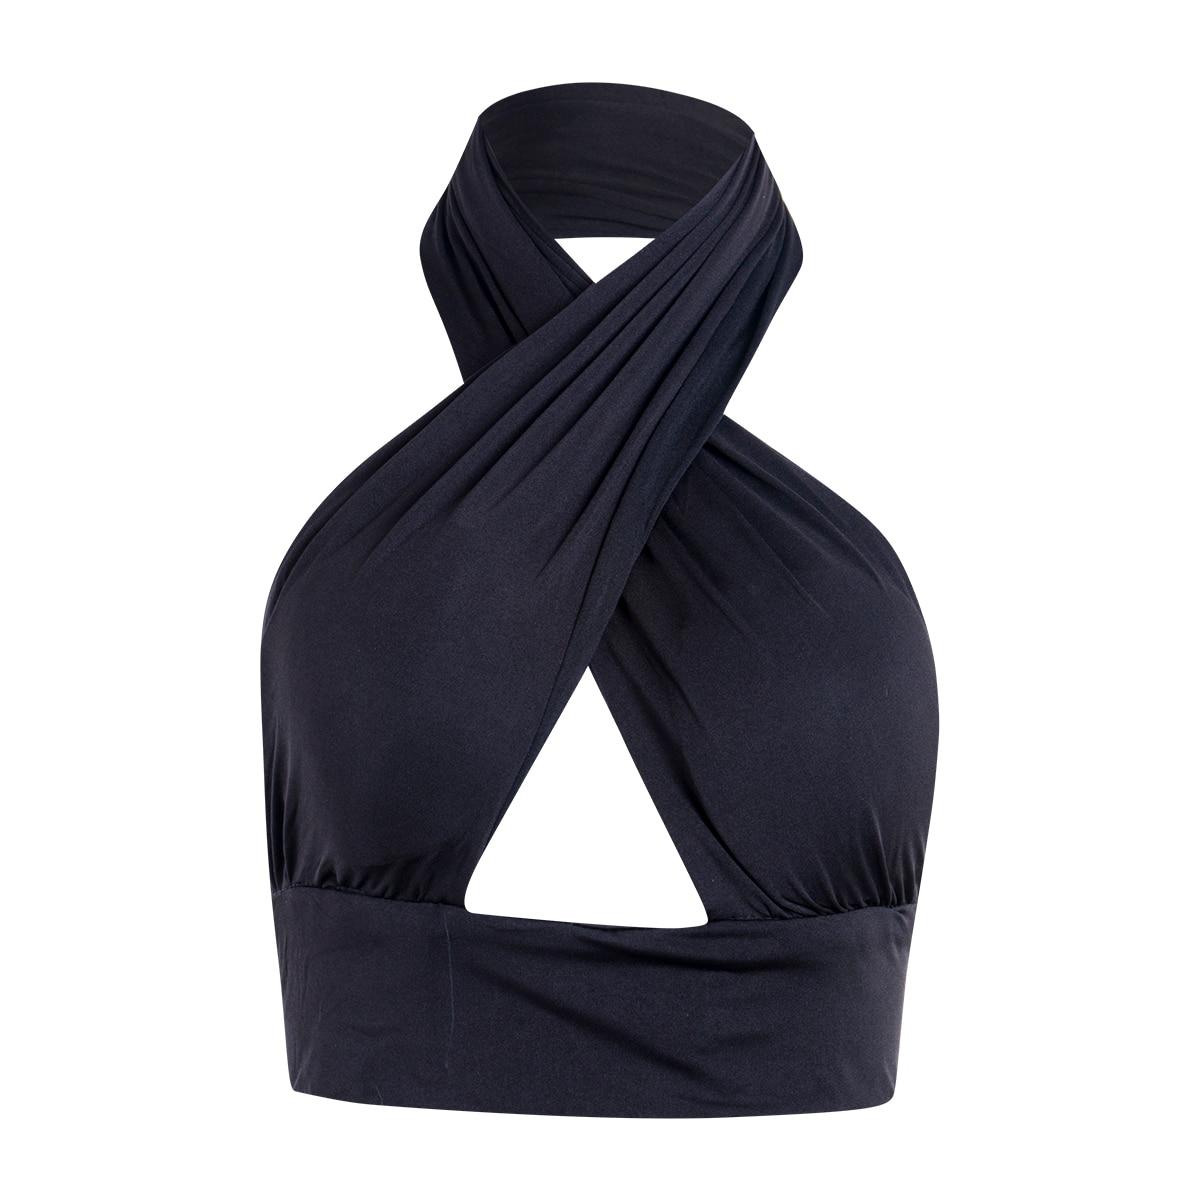 Женский топ на бретельках с перекрещивающимися передними вырезами на шее без рукавов с открытой спиной, бандажный жилет, летние сексуальны...